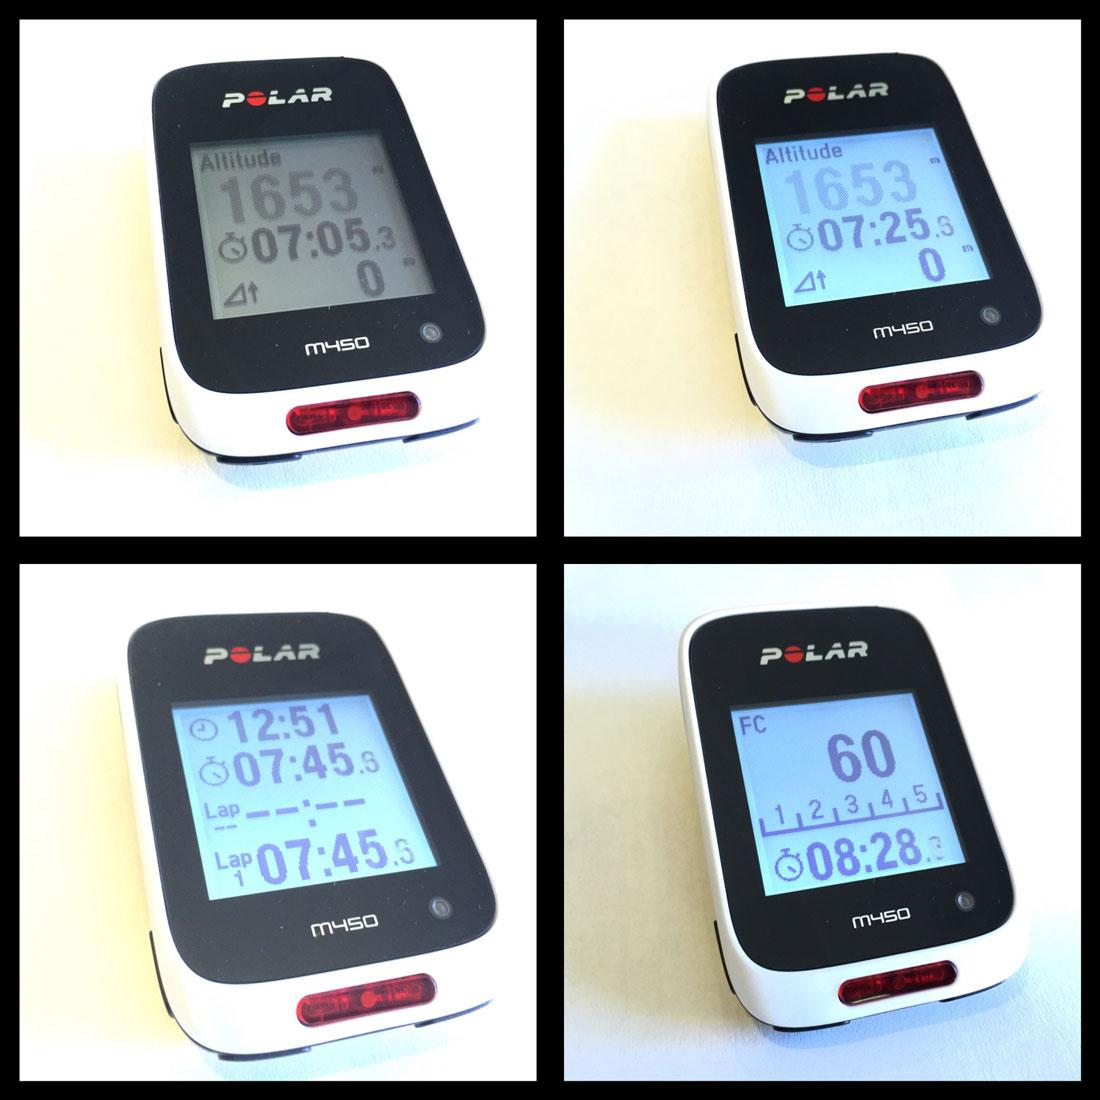 Les différents écrans du GPS vélo et cardio Polar M450, 06 2015, Ph. Moctar KANE.